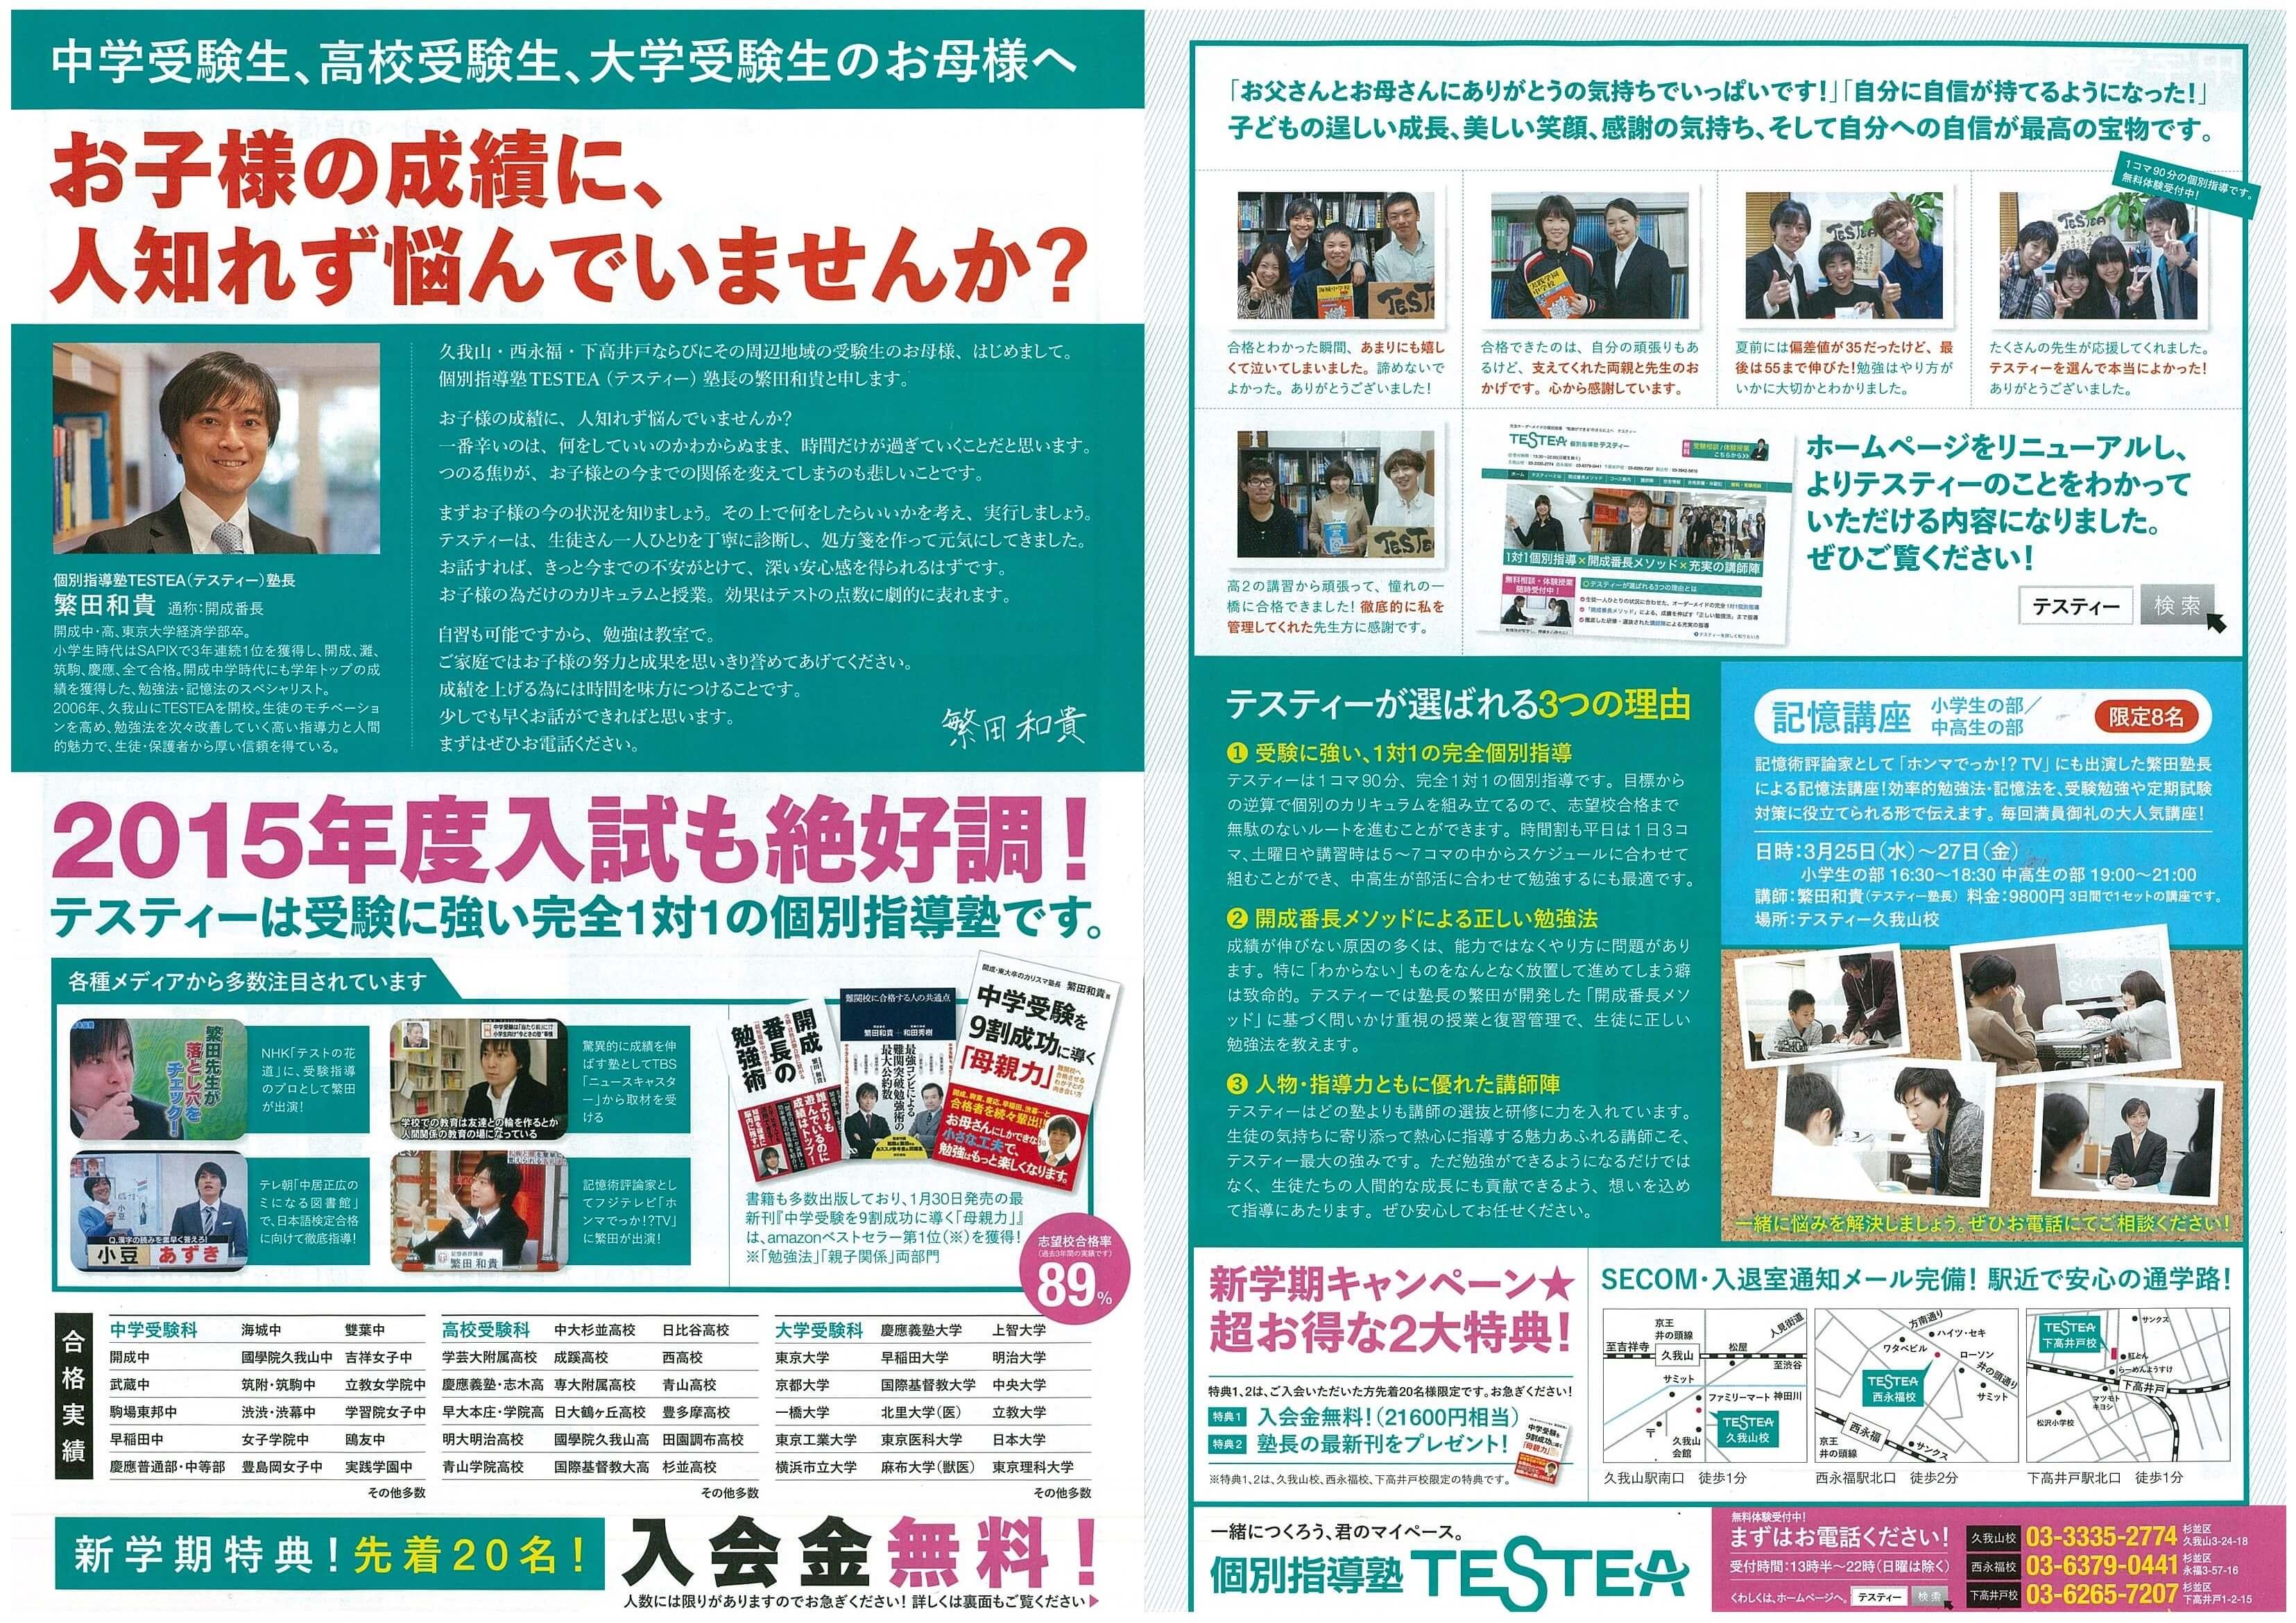 【先着20名】春の入会金無料キャンペーン実施中!